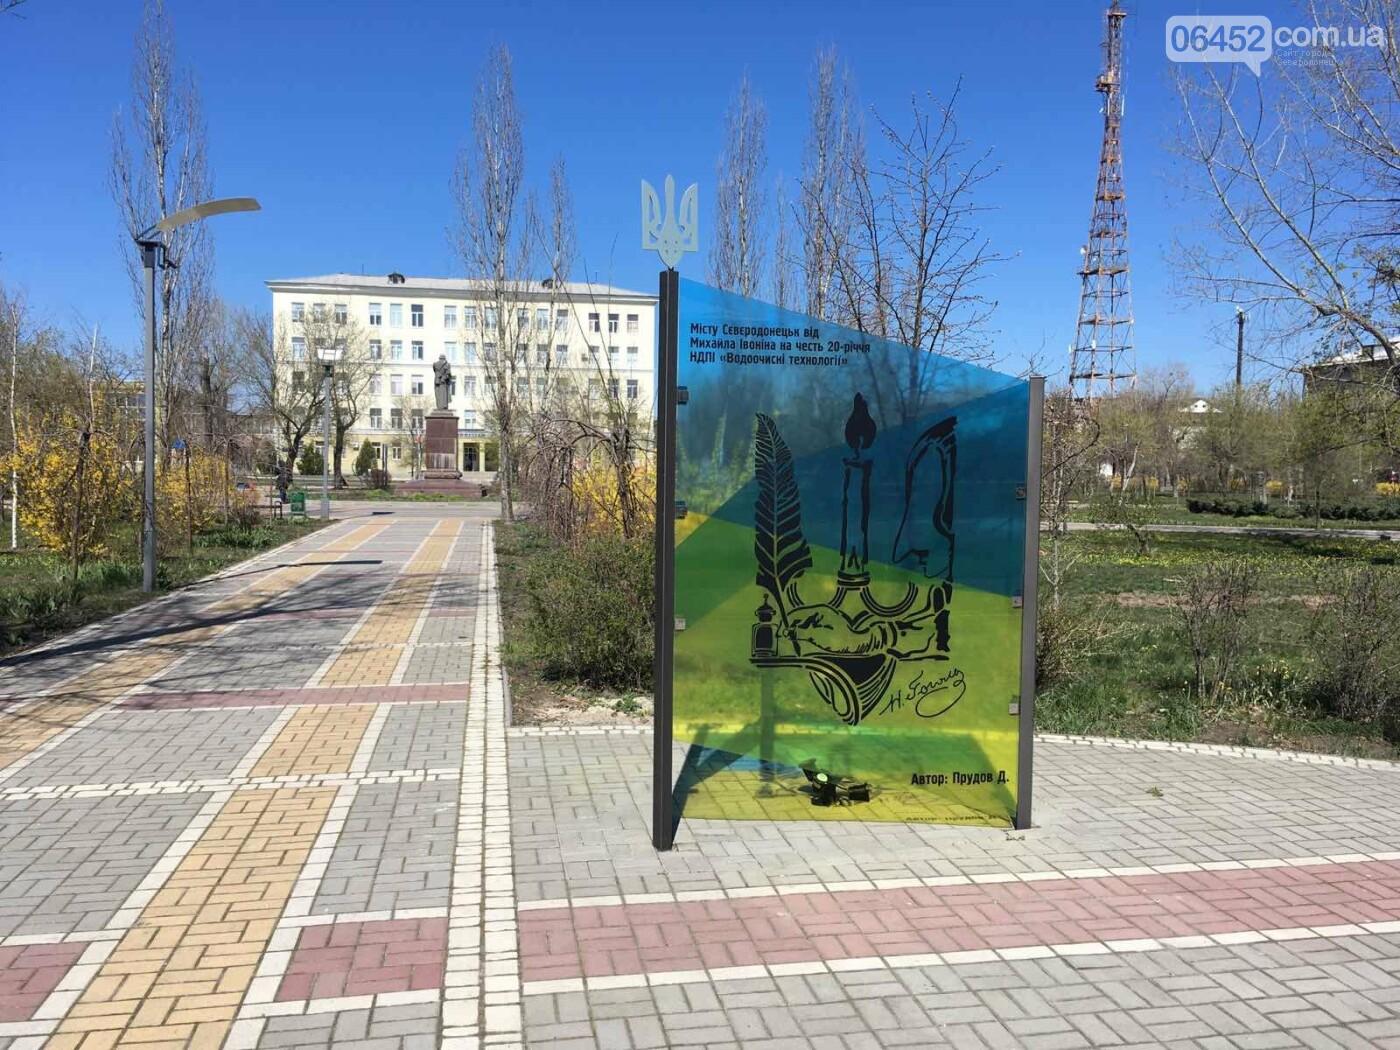 Власти Северодонецка требуют демонтировать стелу в сквере Гоголя, фото-1